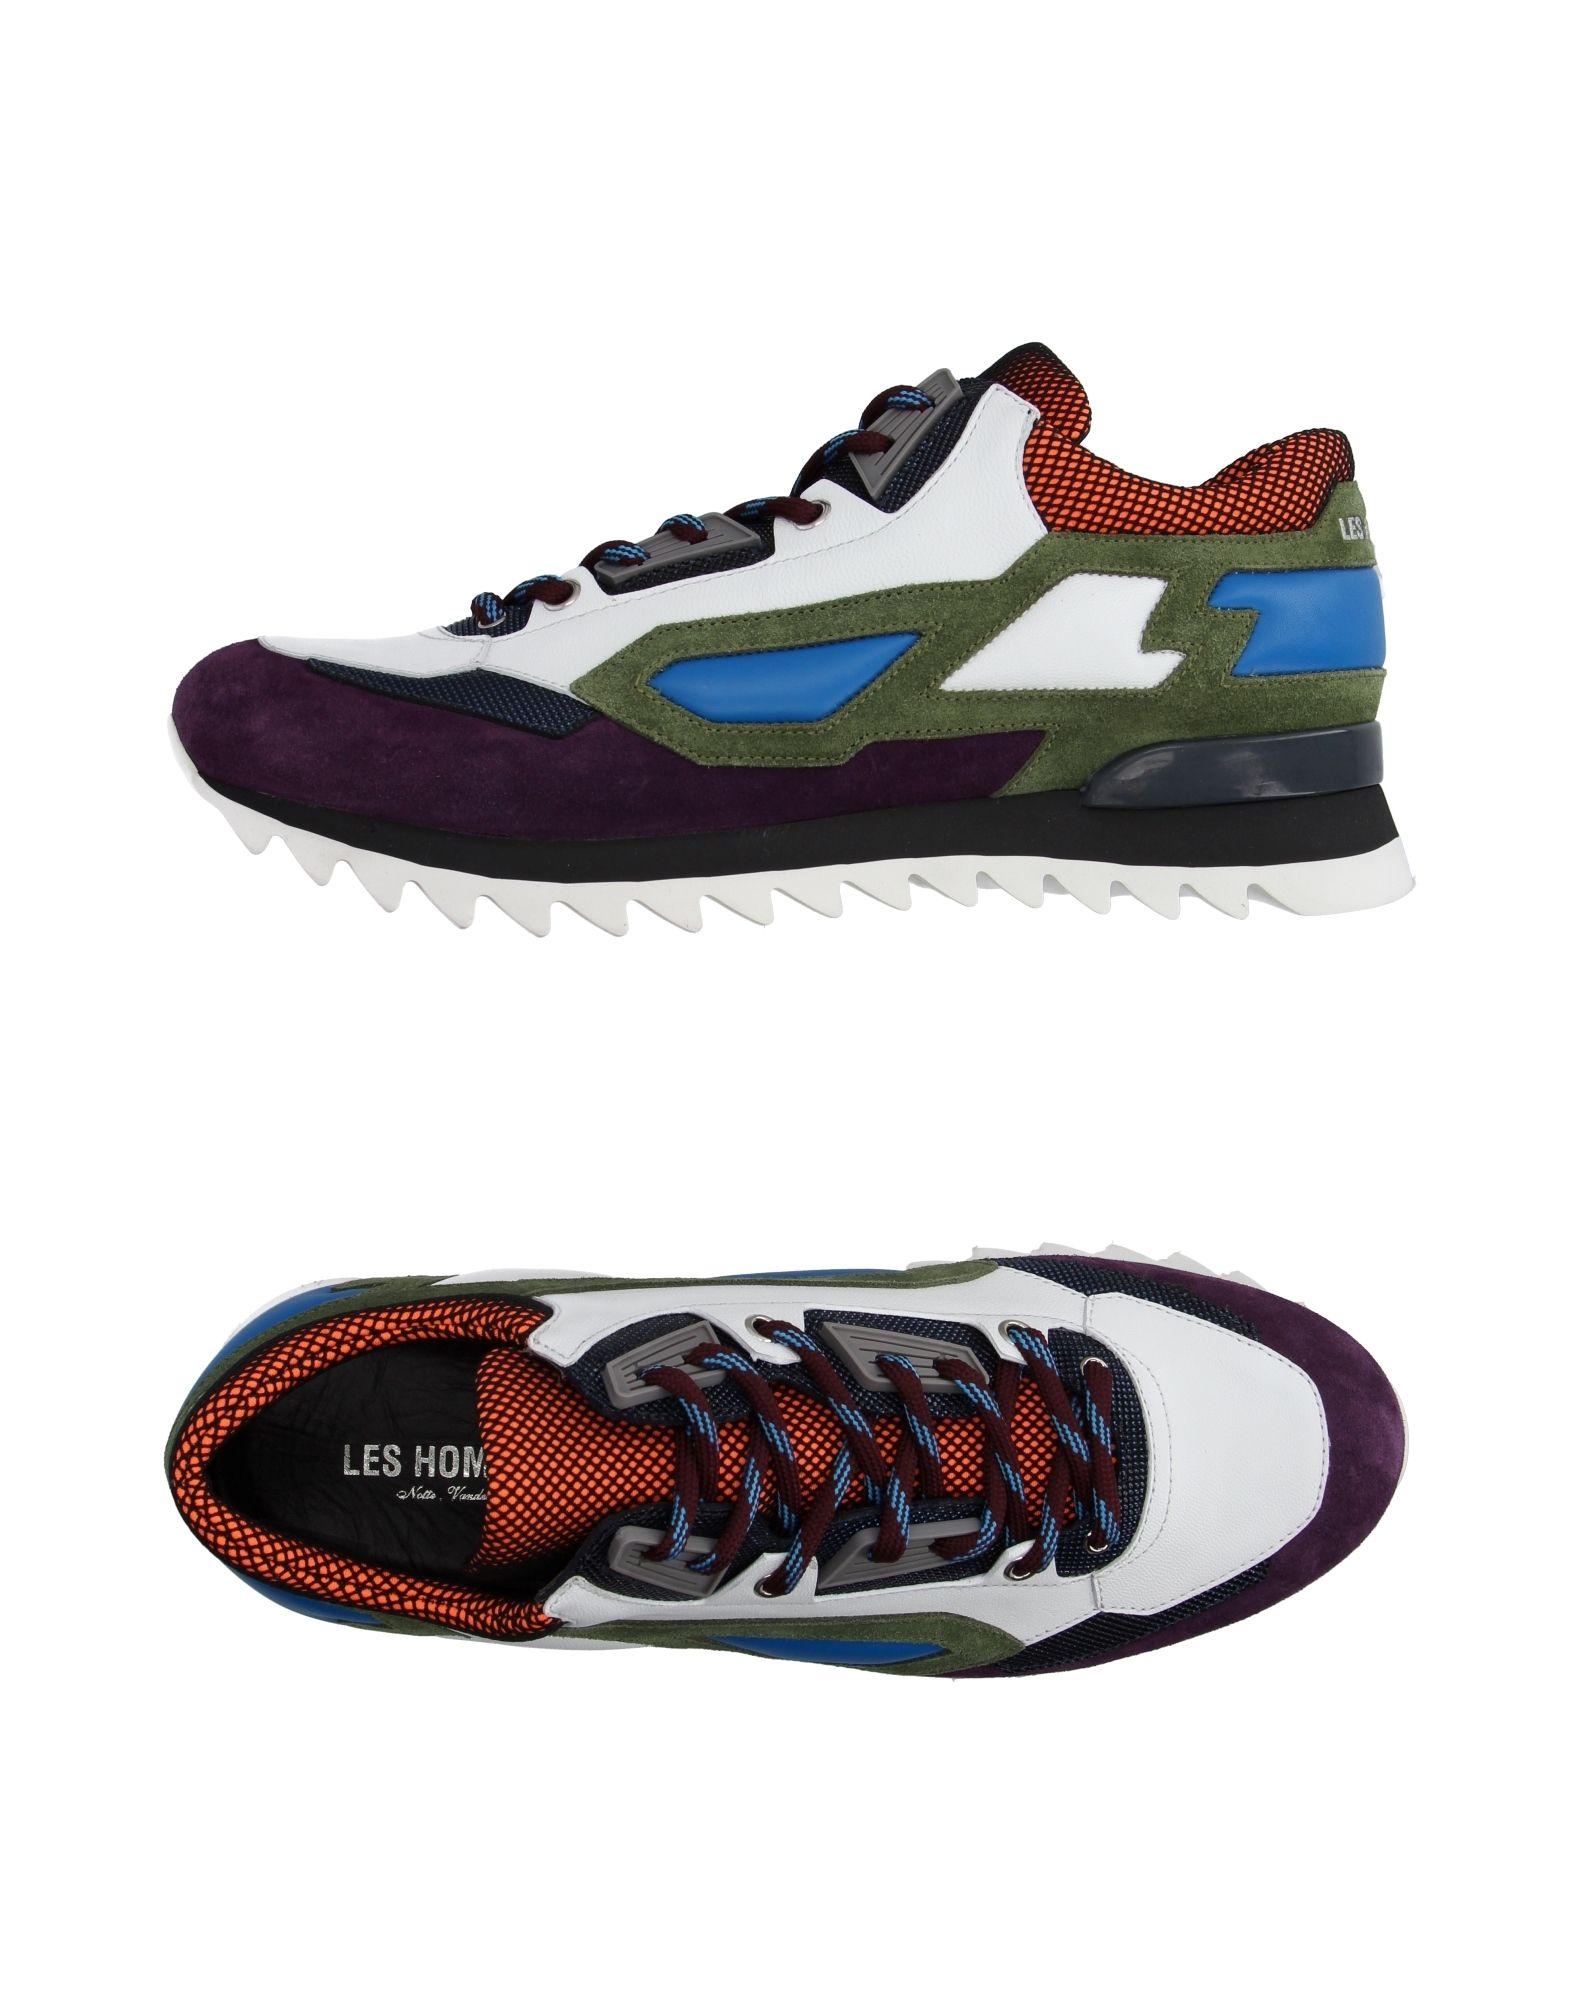 Les Hommes Sneakers Herren   11086864QV bbbef0